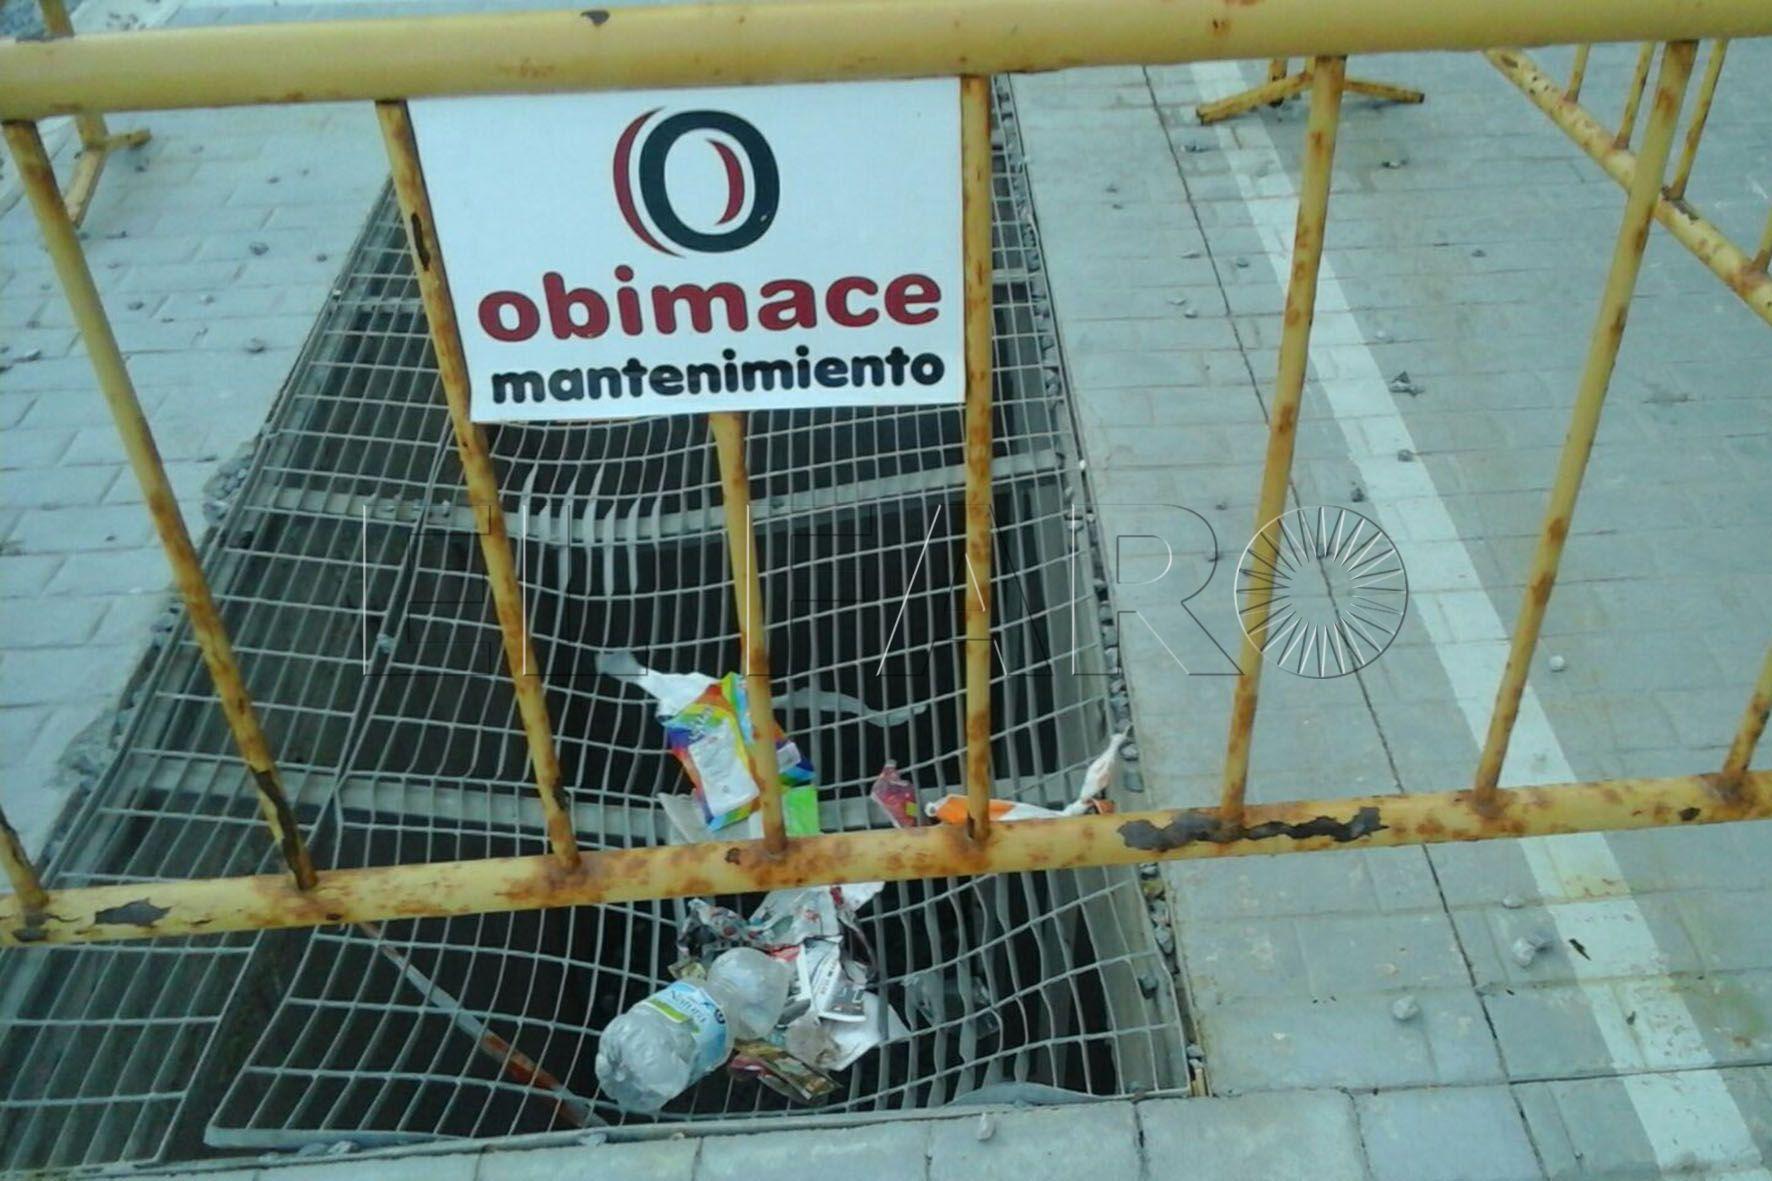 Loma Colmenar reclama servicios básicos y mejoras en infraestructuras